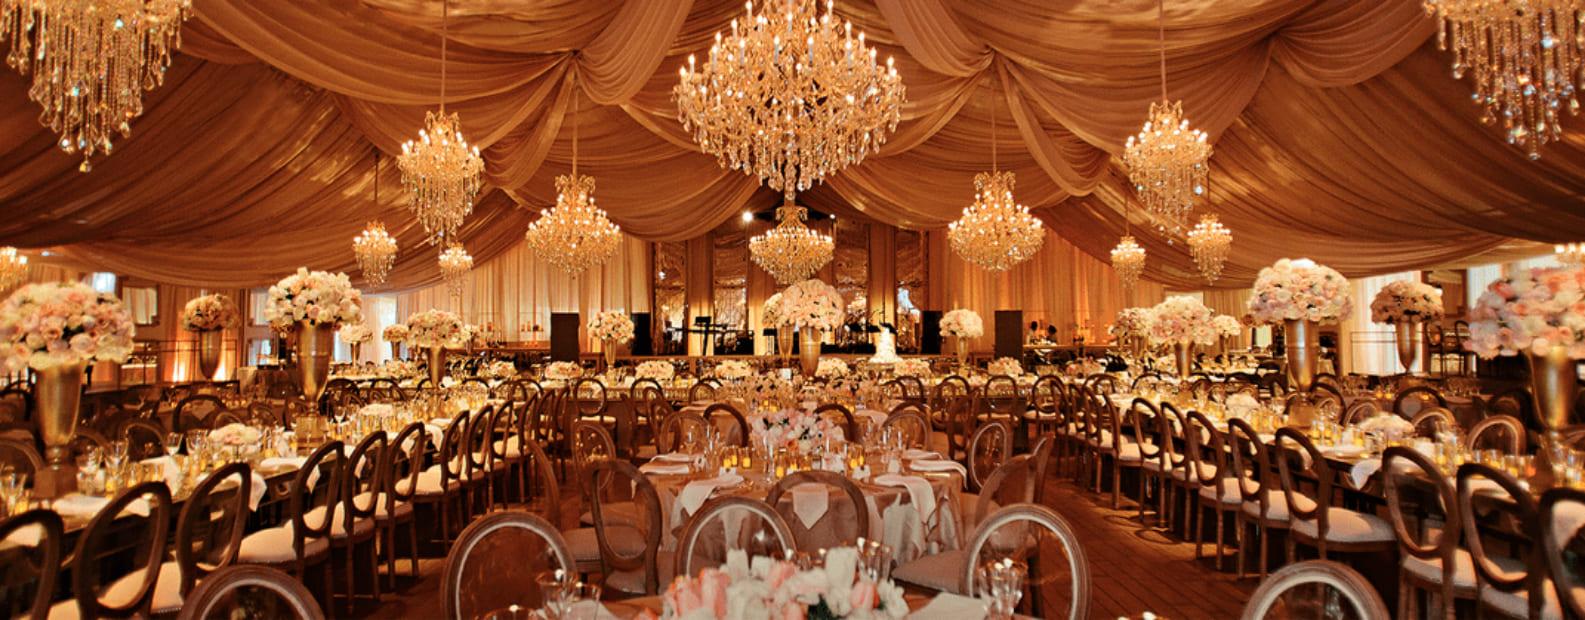 Gold And Cream Wedding Gold Chiavari Chairs Black And White